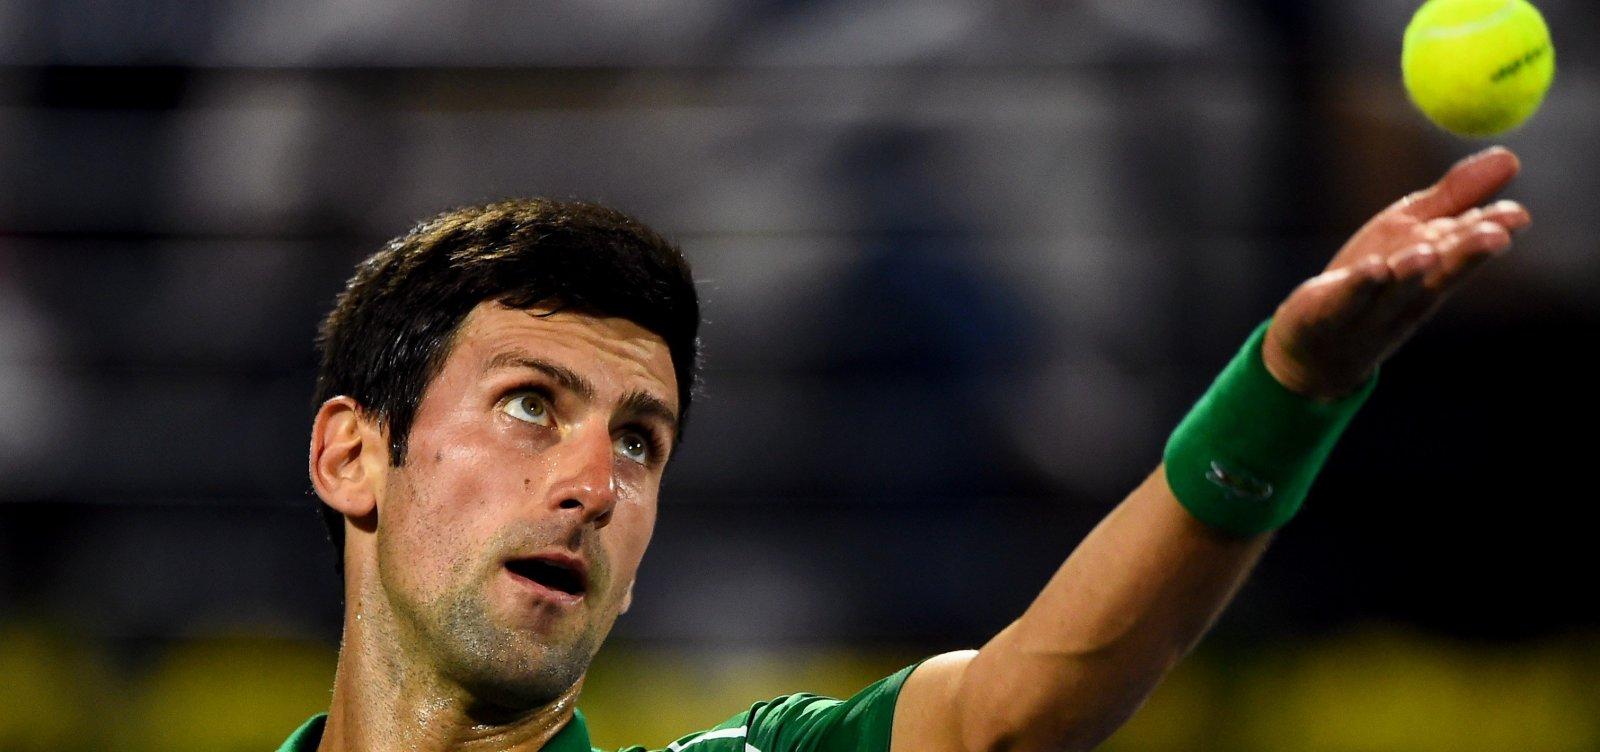 [Após patrocinar e participar de evento esportivo, tenista Novak Djokovic é diagnosticado com Covid-19]